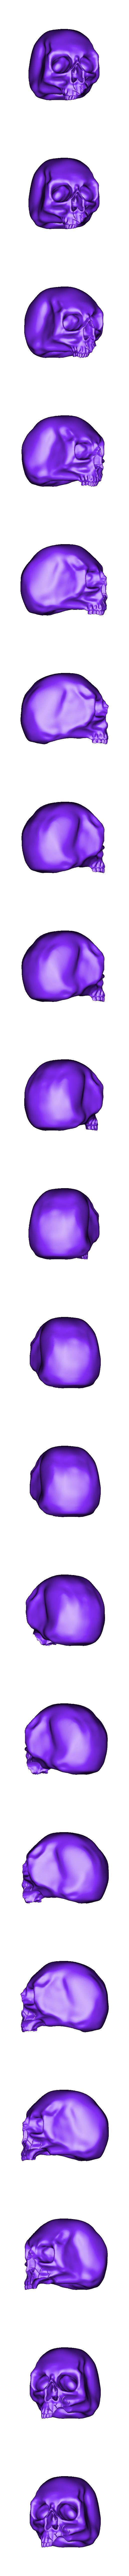 BatteredSkull2.stl Download free STL file Human Skulls Pack • 3D print template, DragonFodderGaming